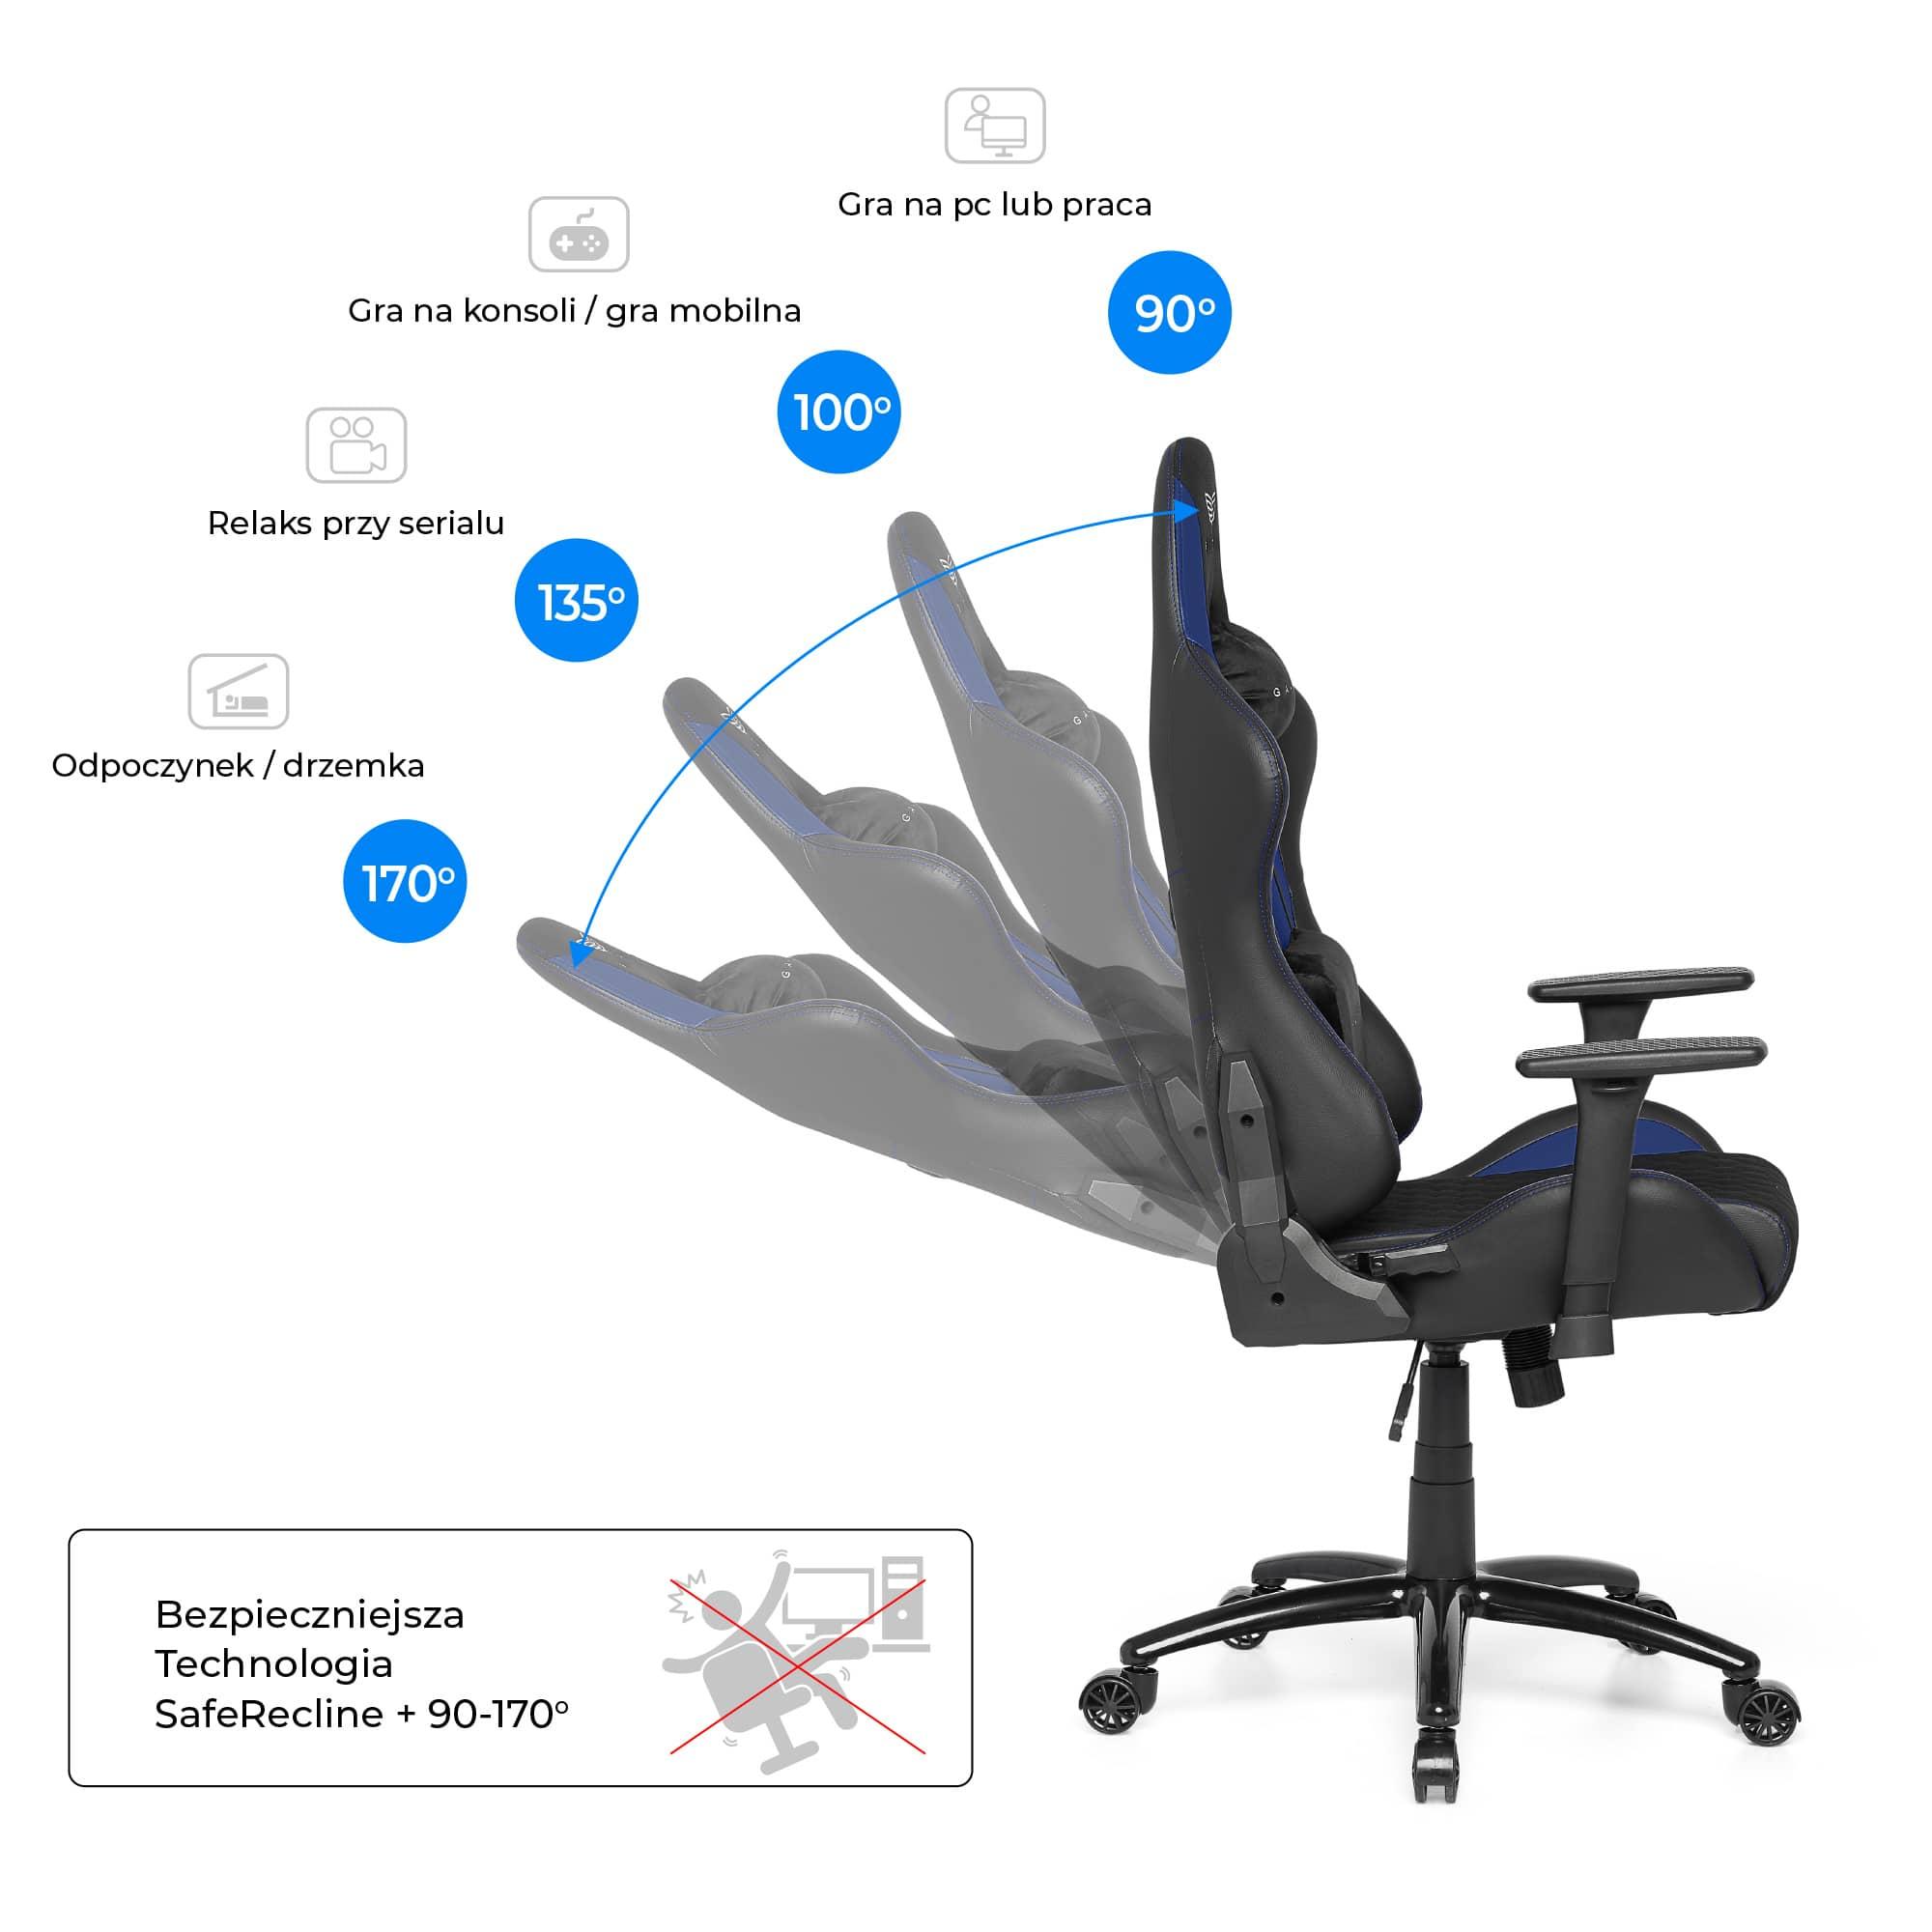 Materiałowy Fotel gamingowy Gamvis Phantom Niebieski 7